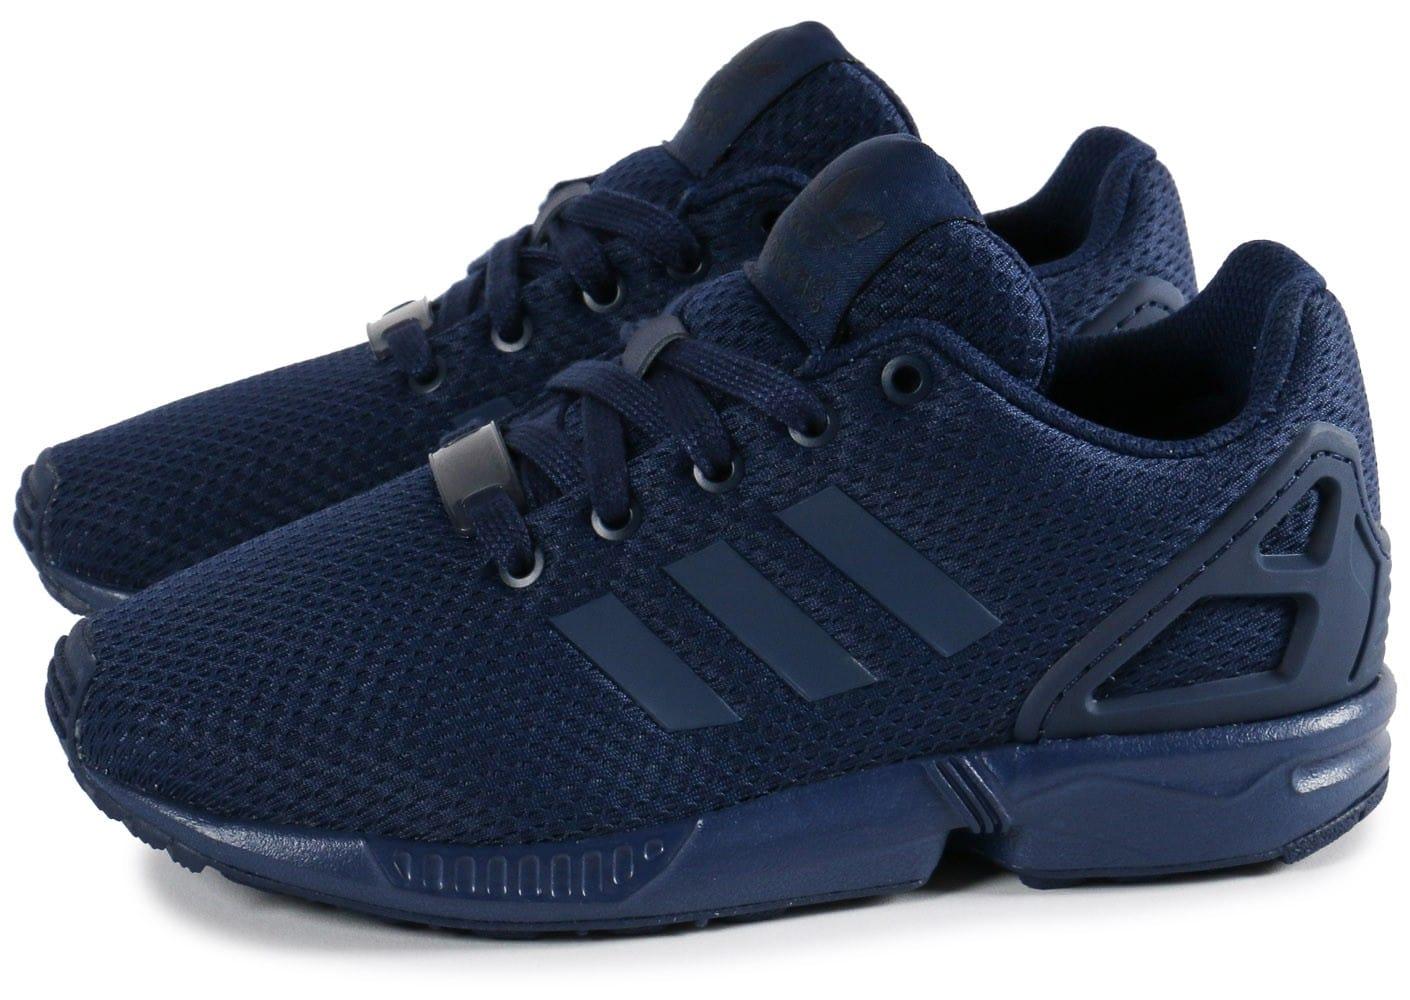 économiser 41e6c f45c5 basket adidas zx flux bleu